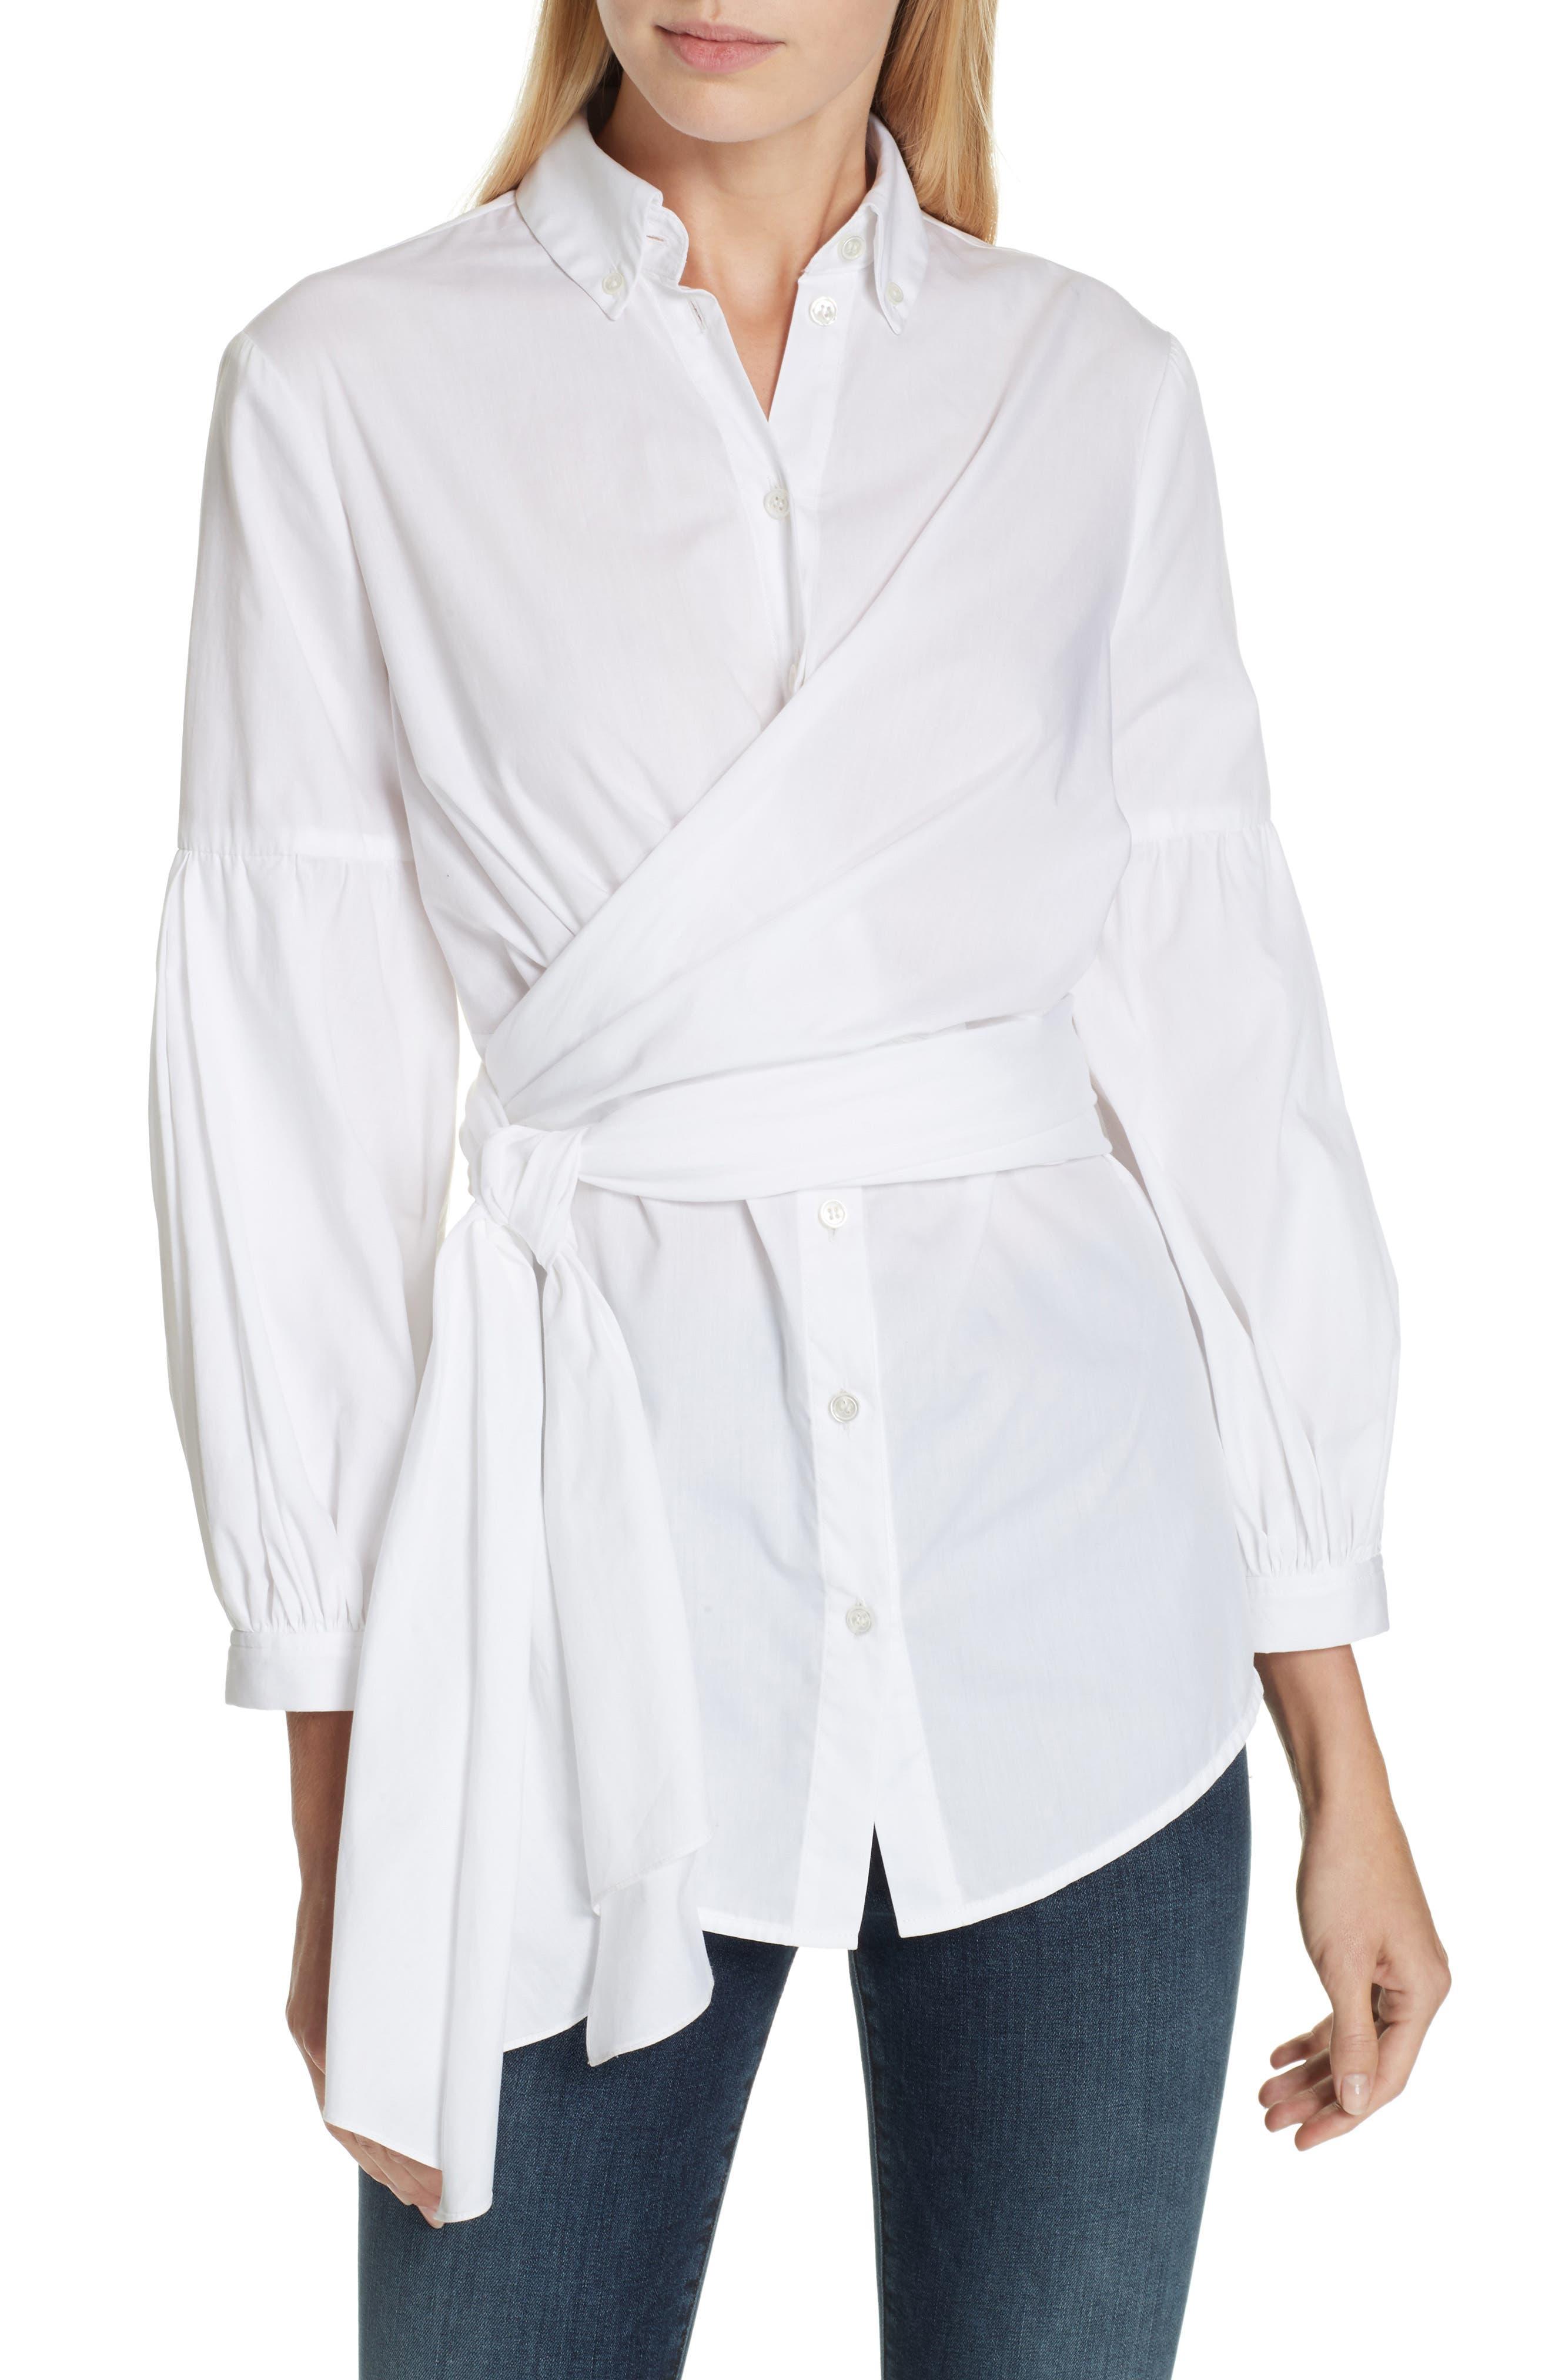 Sinclair Puff Sleeve Wrap Detail Shirt,                             Main thumbnail 1, color,                             WHITE